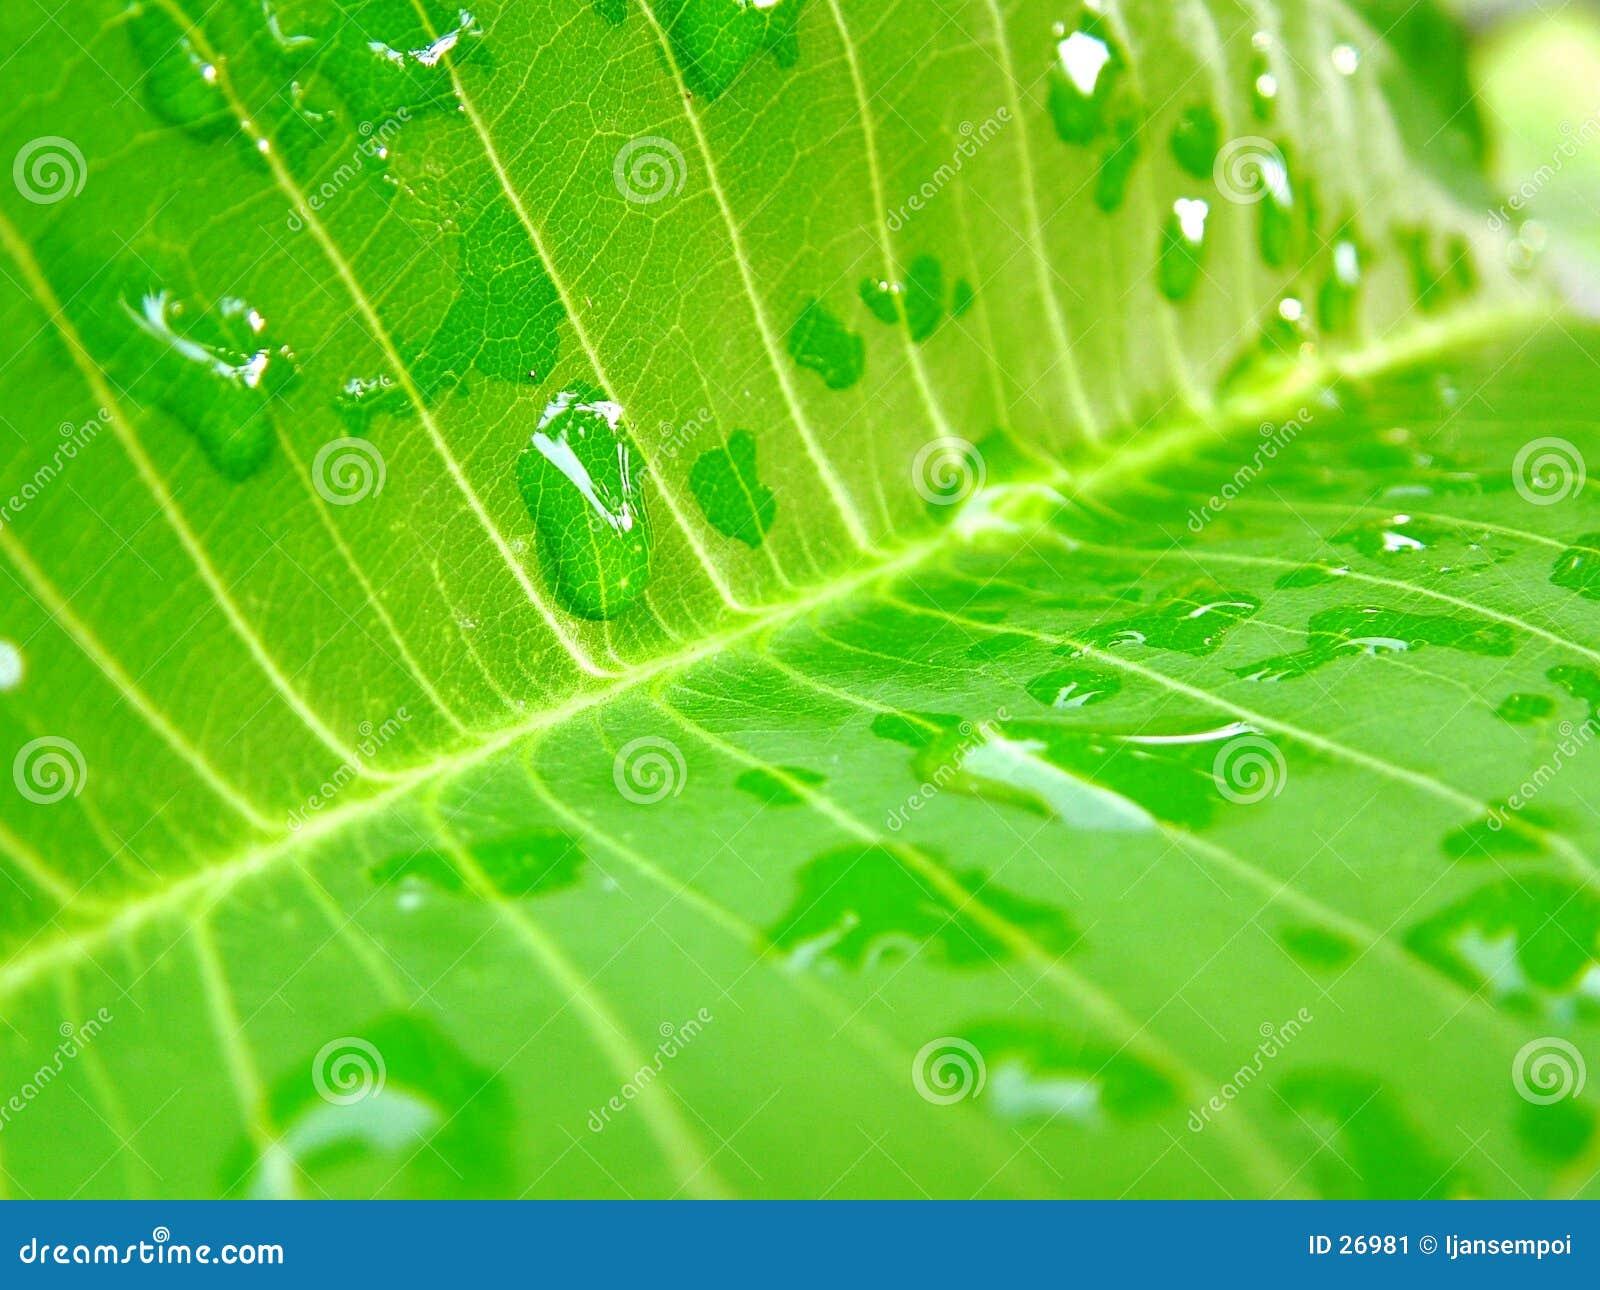 Download Hoja y waterdrops imagen de archivo. Imagen de textura, cierre - 26981